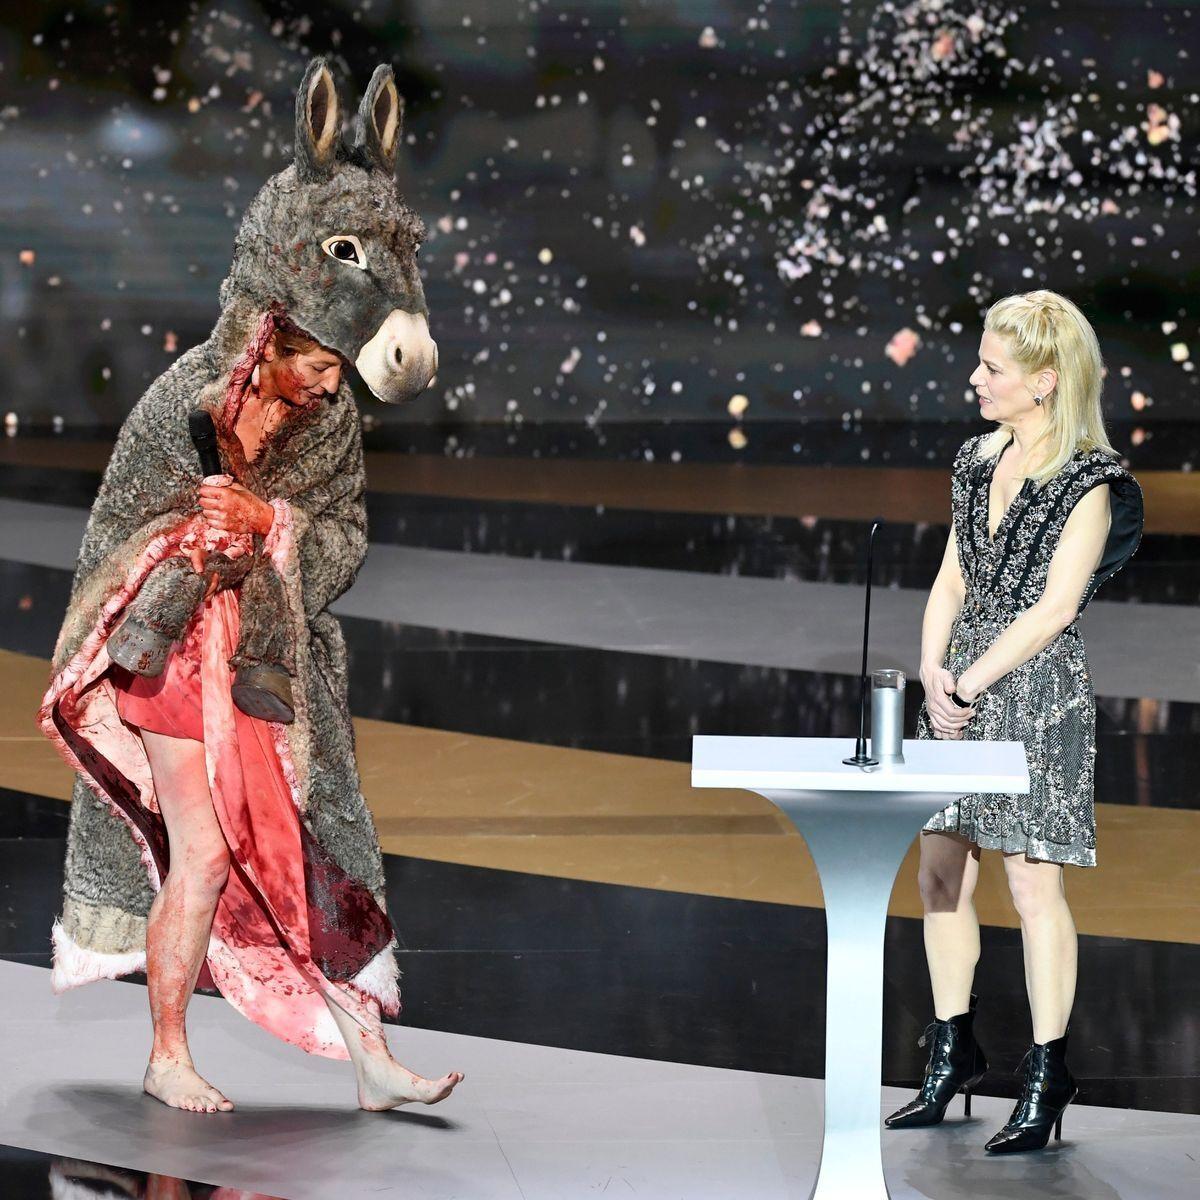 Корина Масьеро вышла на сцену в костюме осла и окровавленной раскраской.